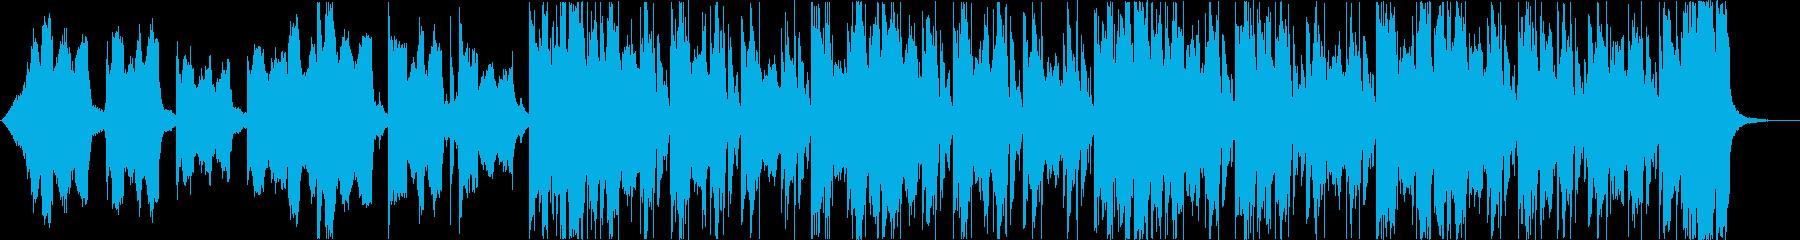 おしゃれクールセクシーR&Bエレクトロbの再生済みの波形